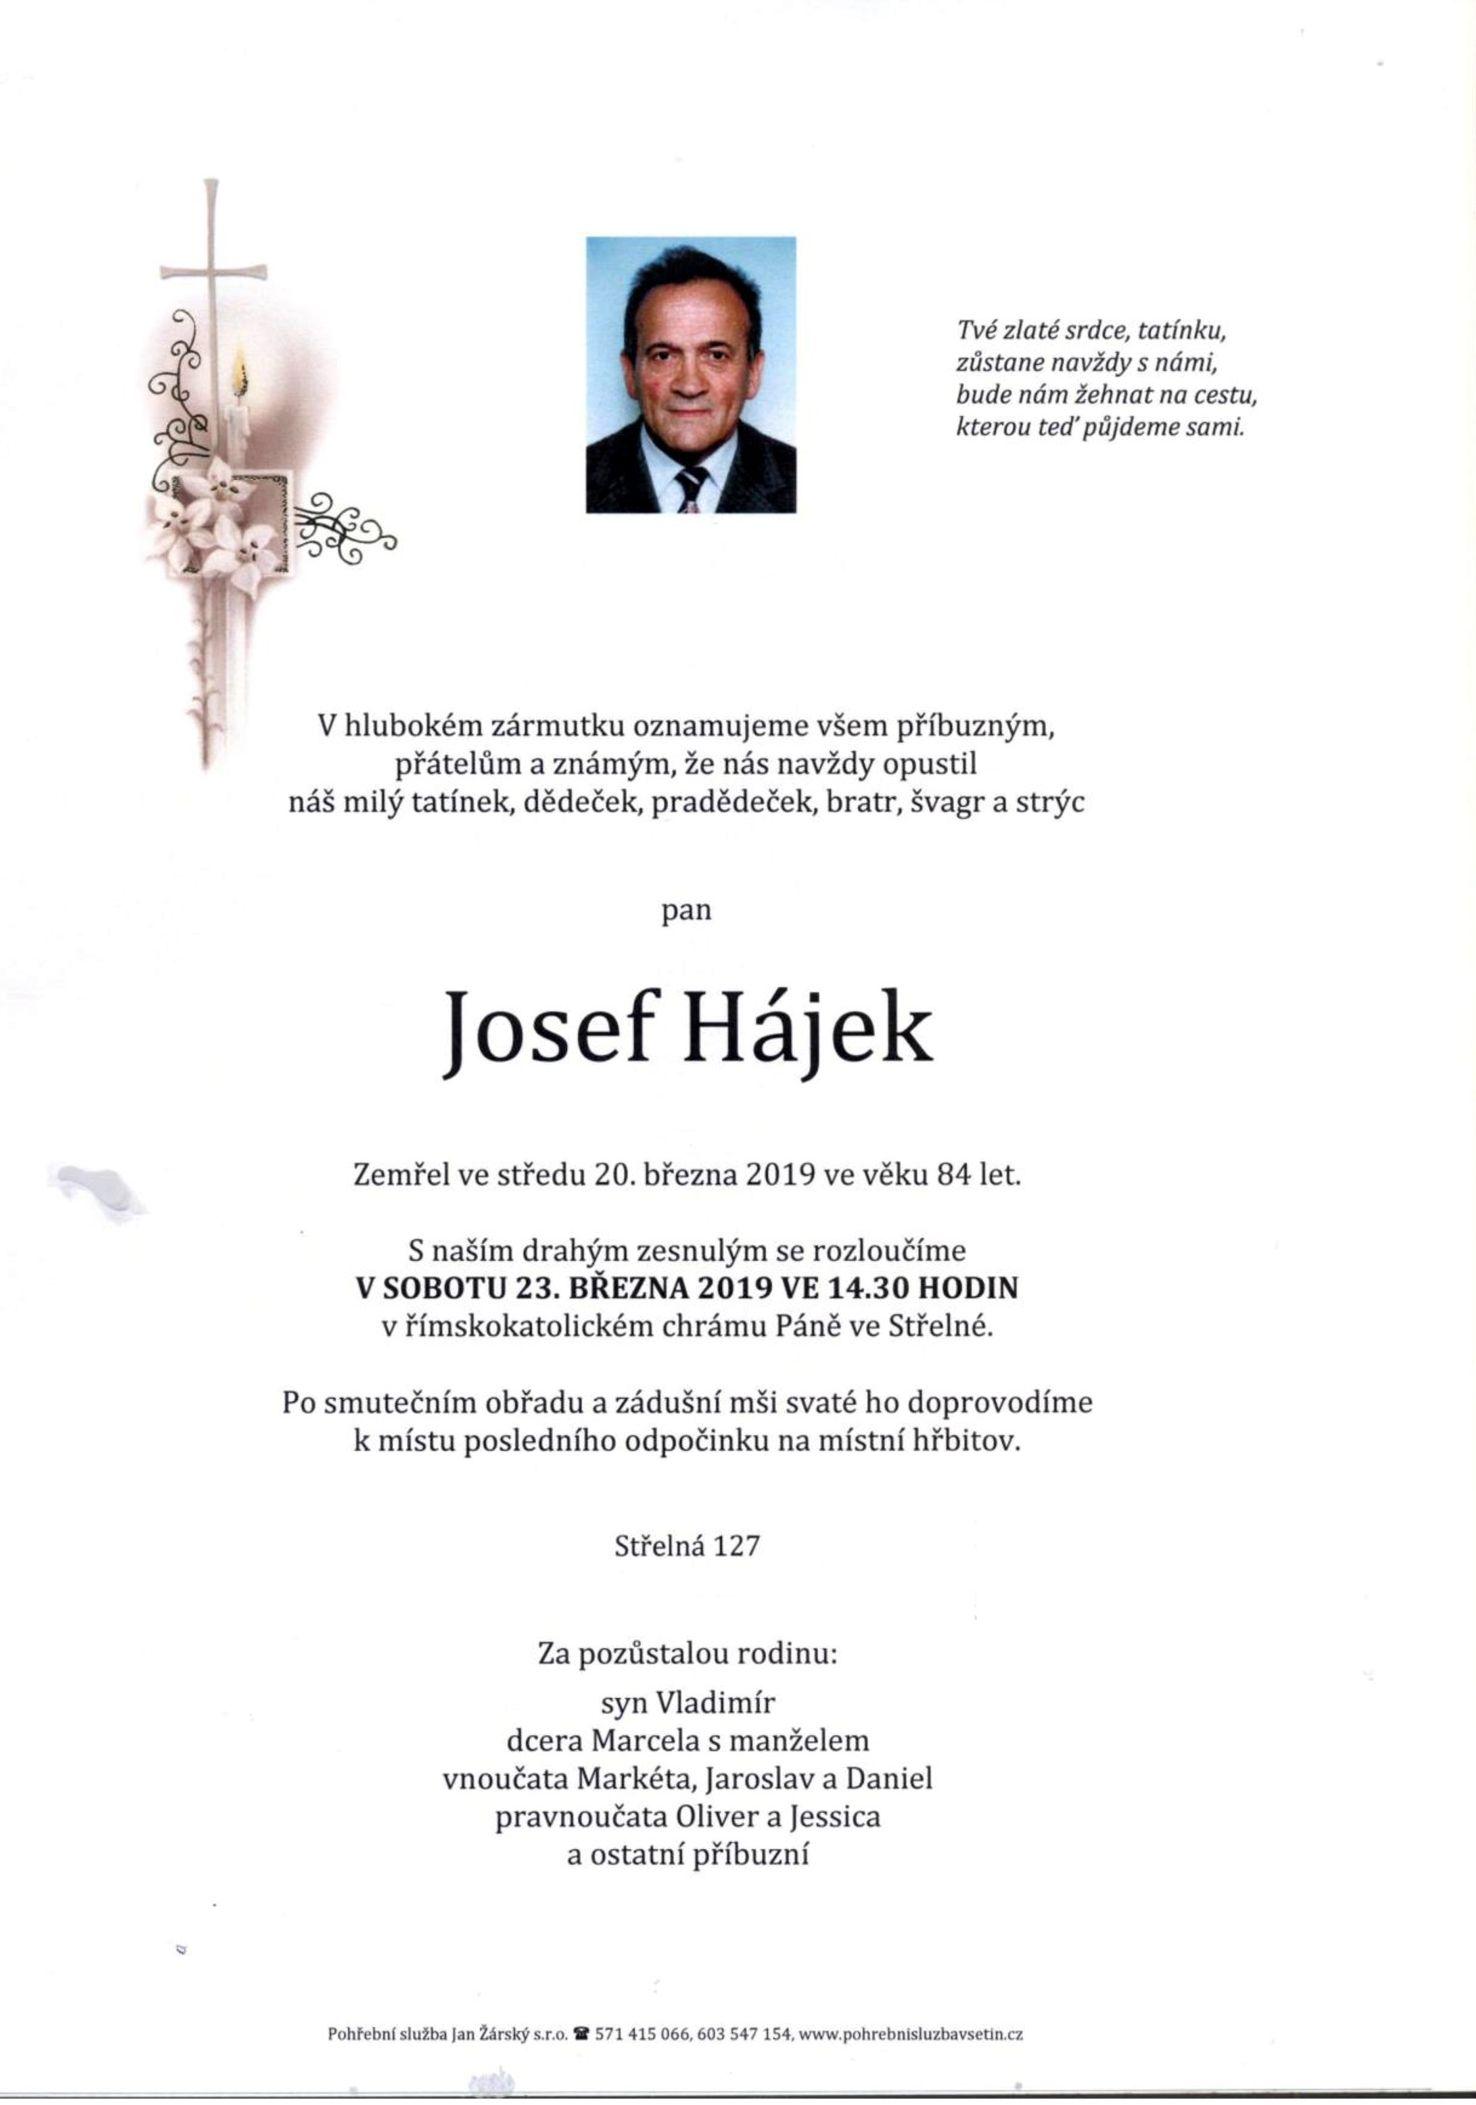 Josef Hájek